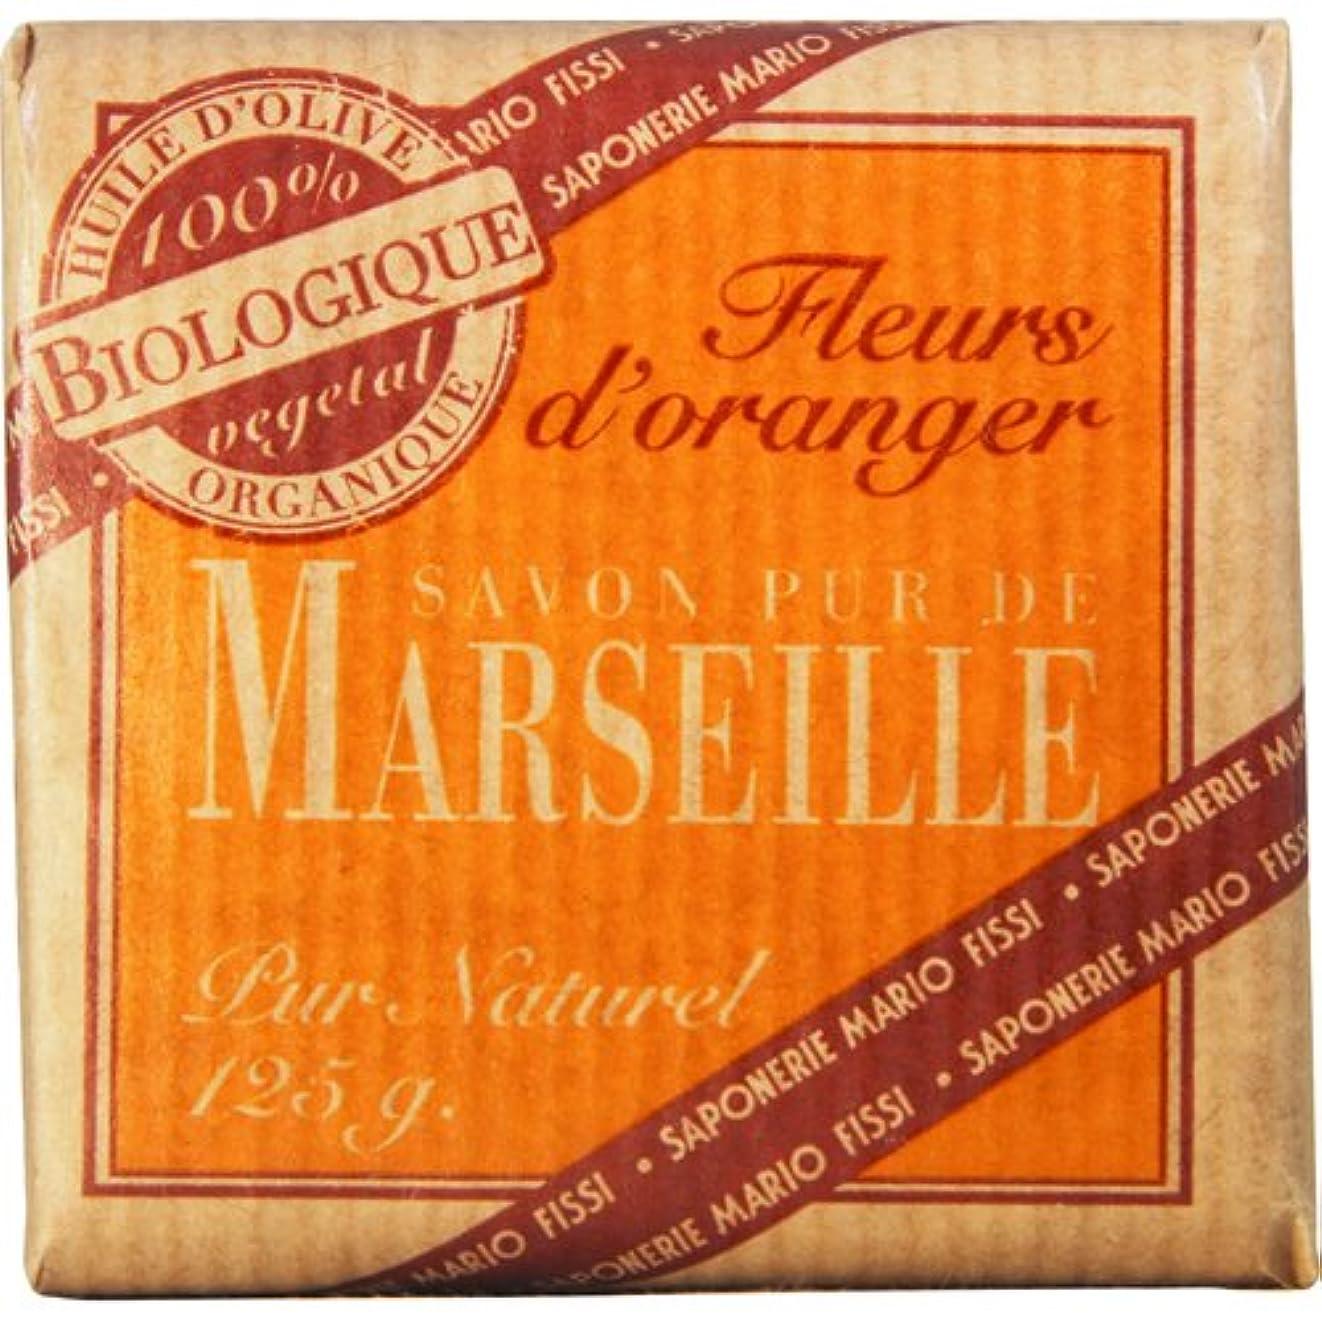 スピーチヘッジメーターSaponerire Fissi マルセイユシリーズ マルセイユソープ 125g Orange Flower オレンジフラワー